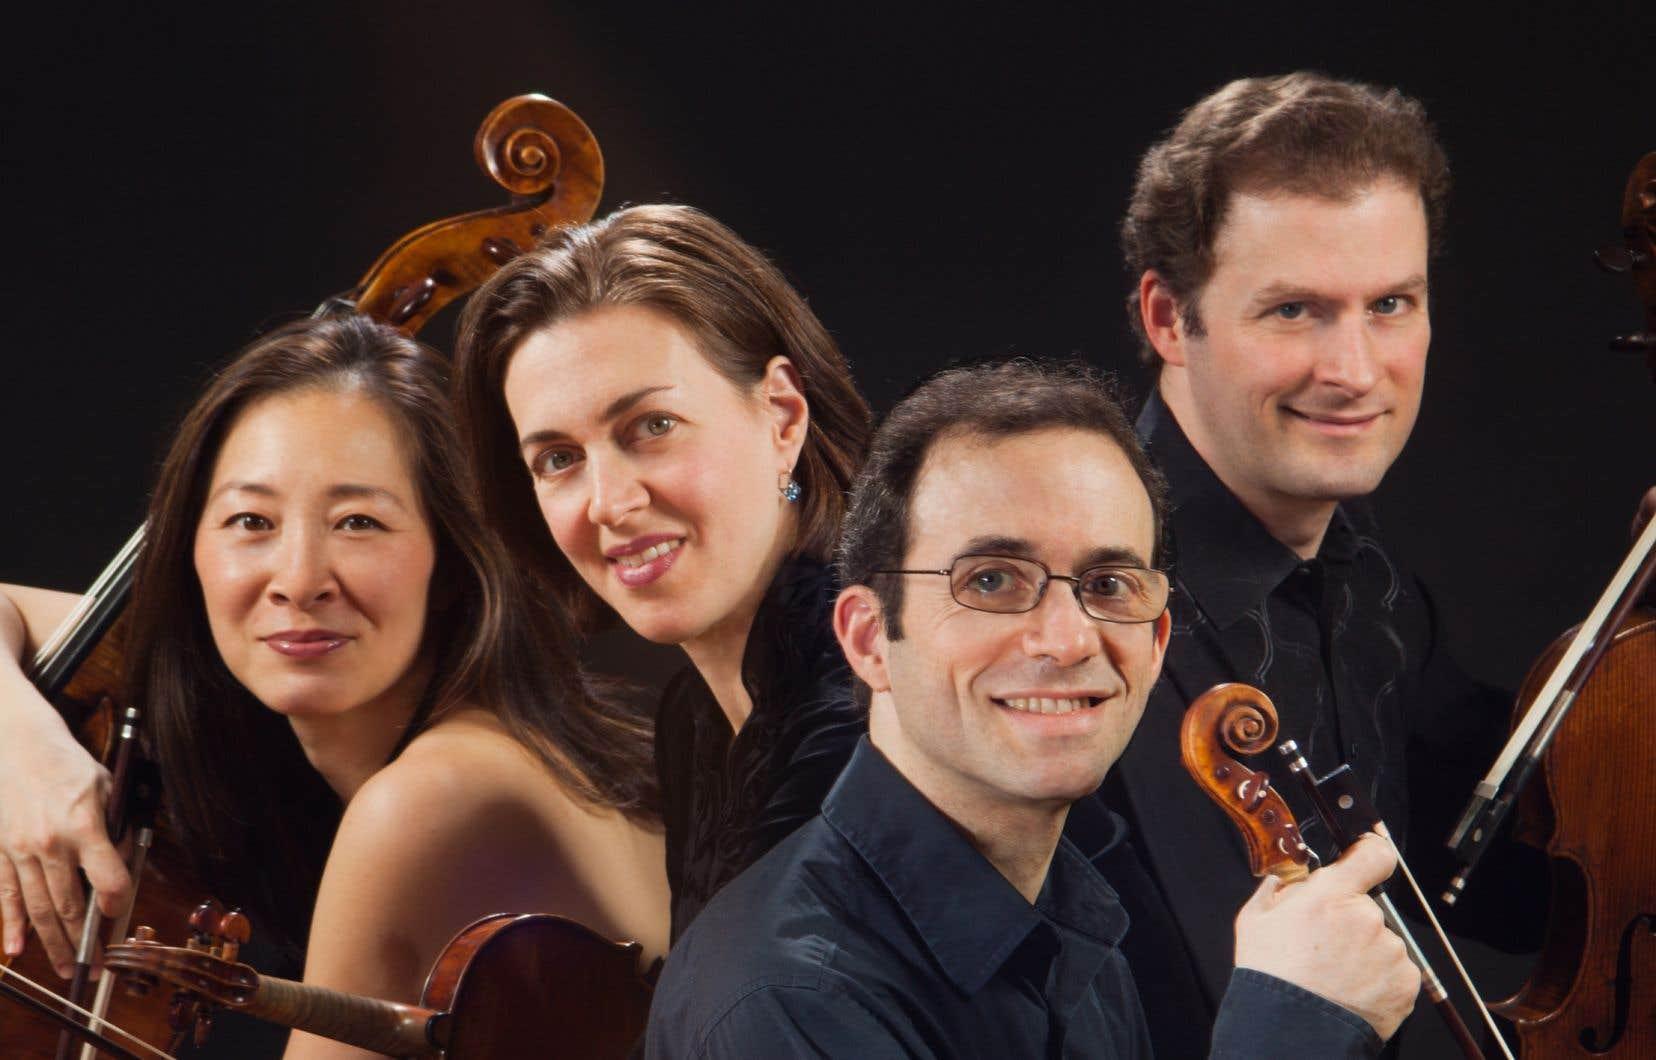 La violoncelliste Nina Lee (à gauche) est un atout capital du Quatuor Brentano, car elle est le contrepoids capital, en énergie, chaleur et couleur, au 1er violon Mark Steinberg (deuxième à droite).